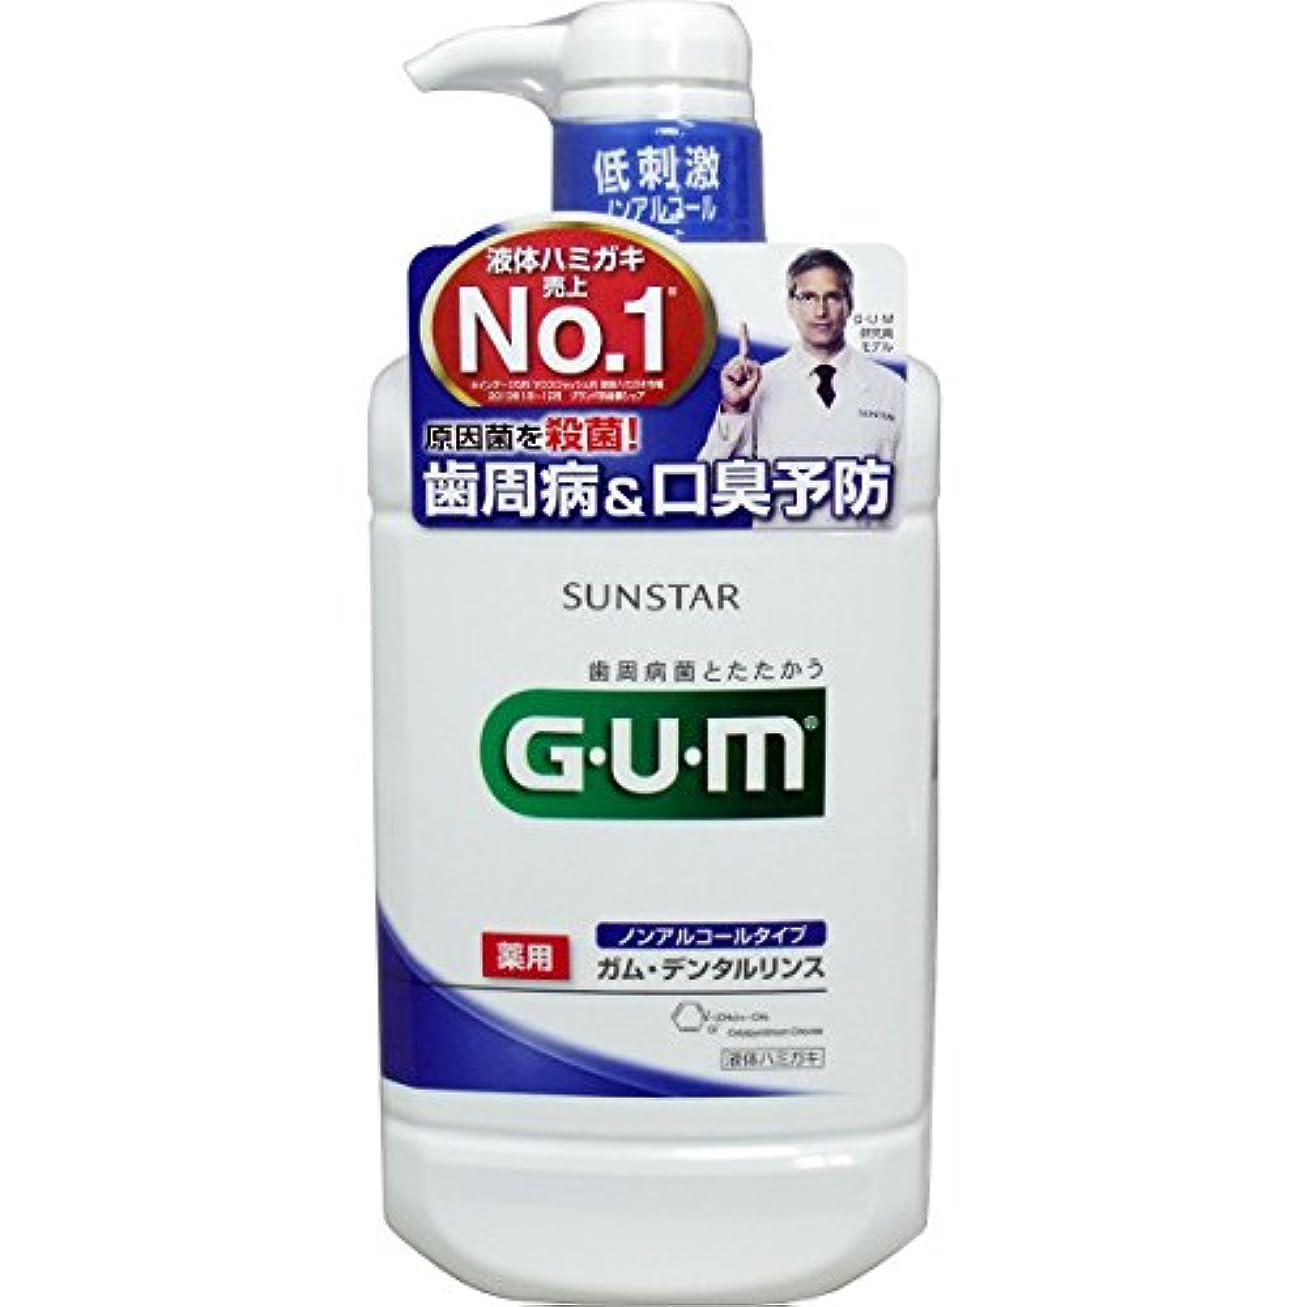 信念リテラシーコンデンサー【まとめ買い】GUM(ガム)?デンタルリンス (ノンアルコールタイプ) 960mL (医薬部外品)×3個